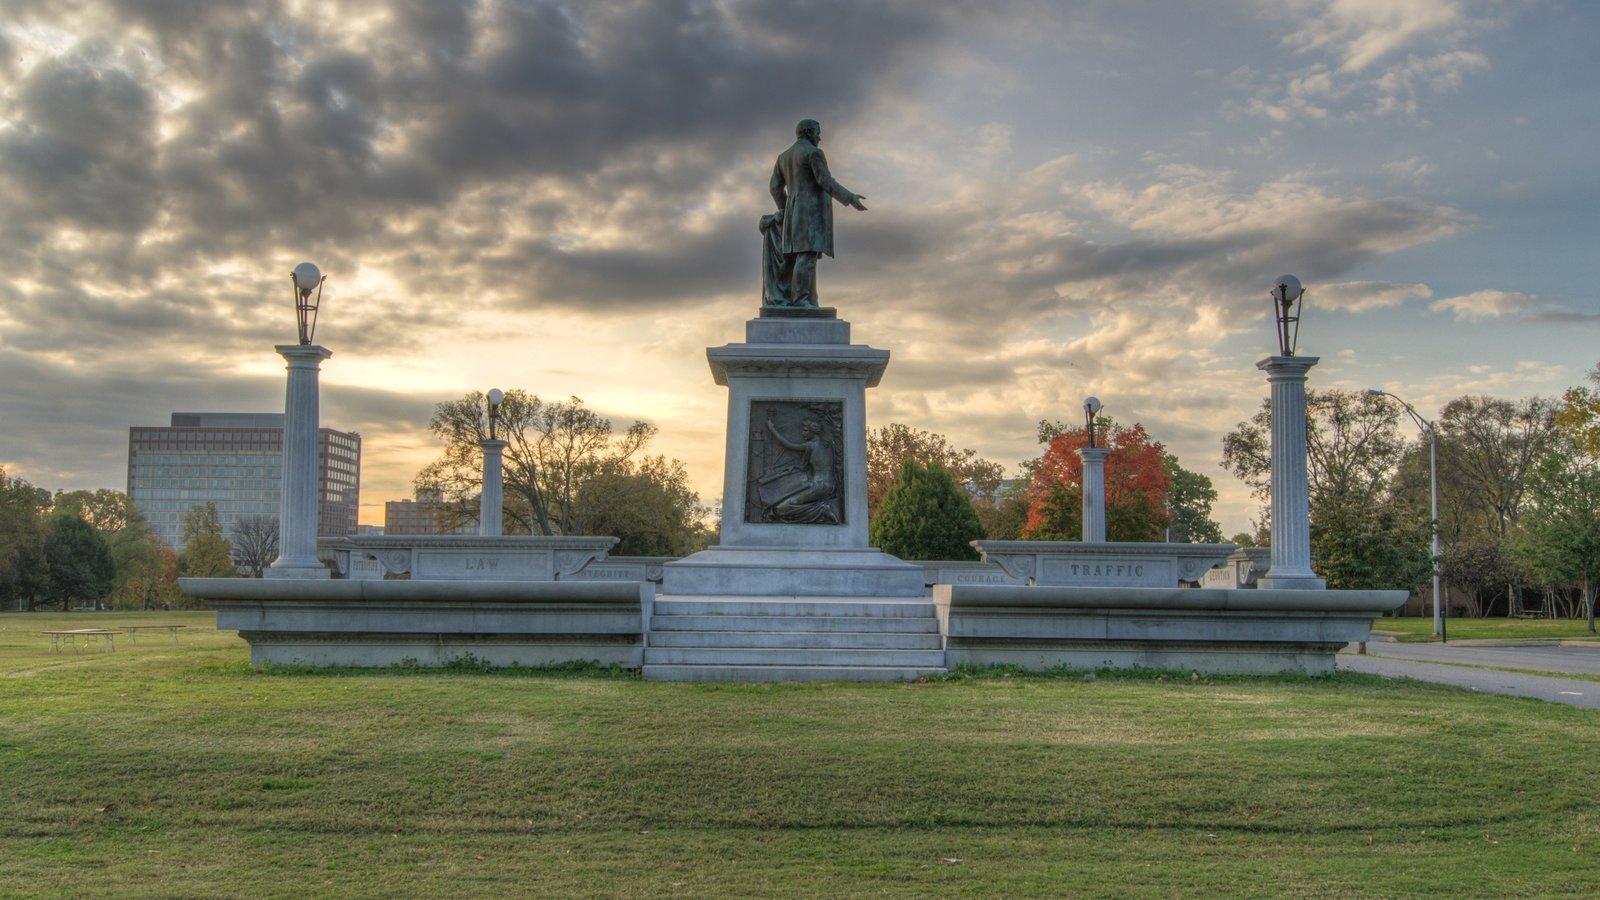 Parthenon ofreciendo un monumento, una puesta de sol y una estatua o escultura